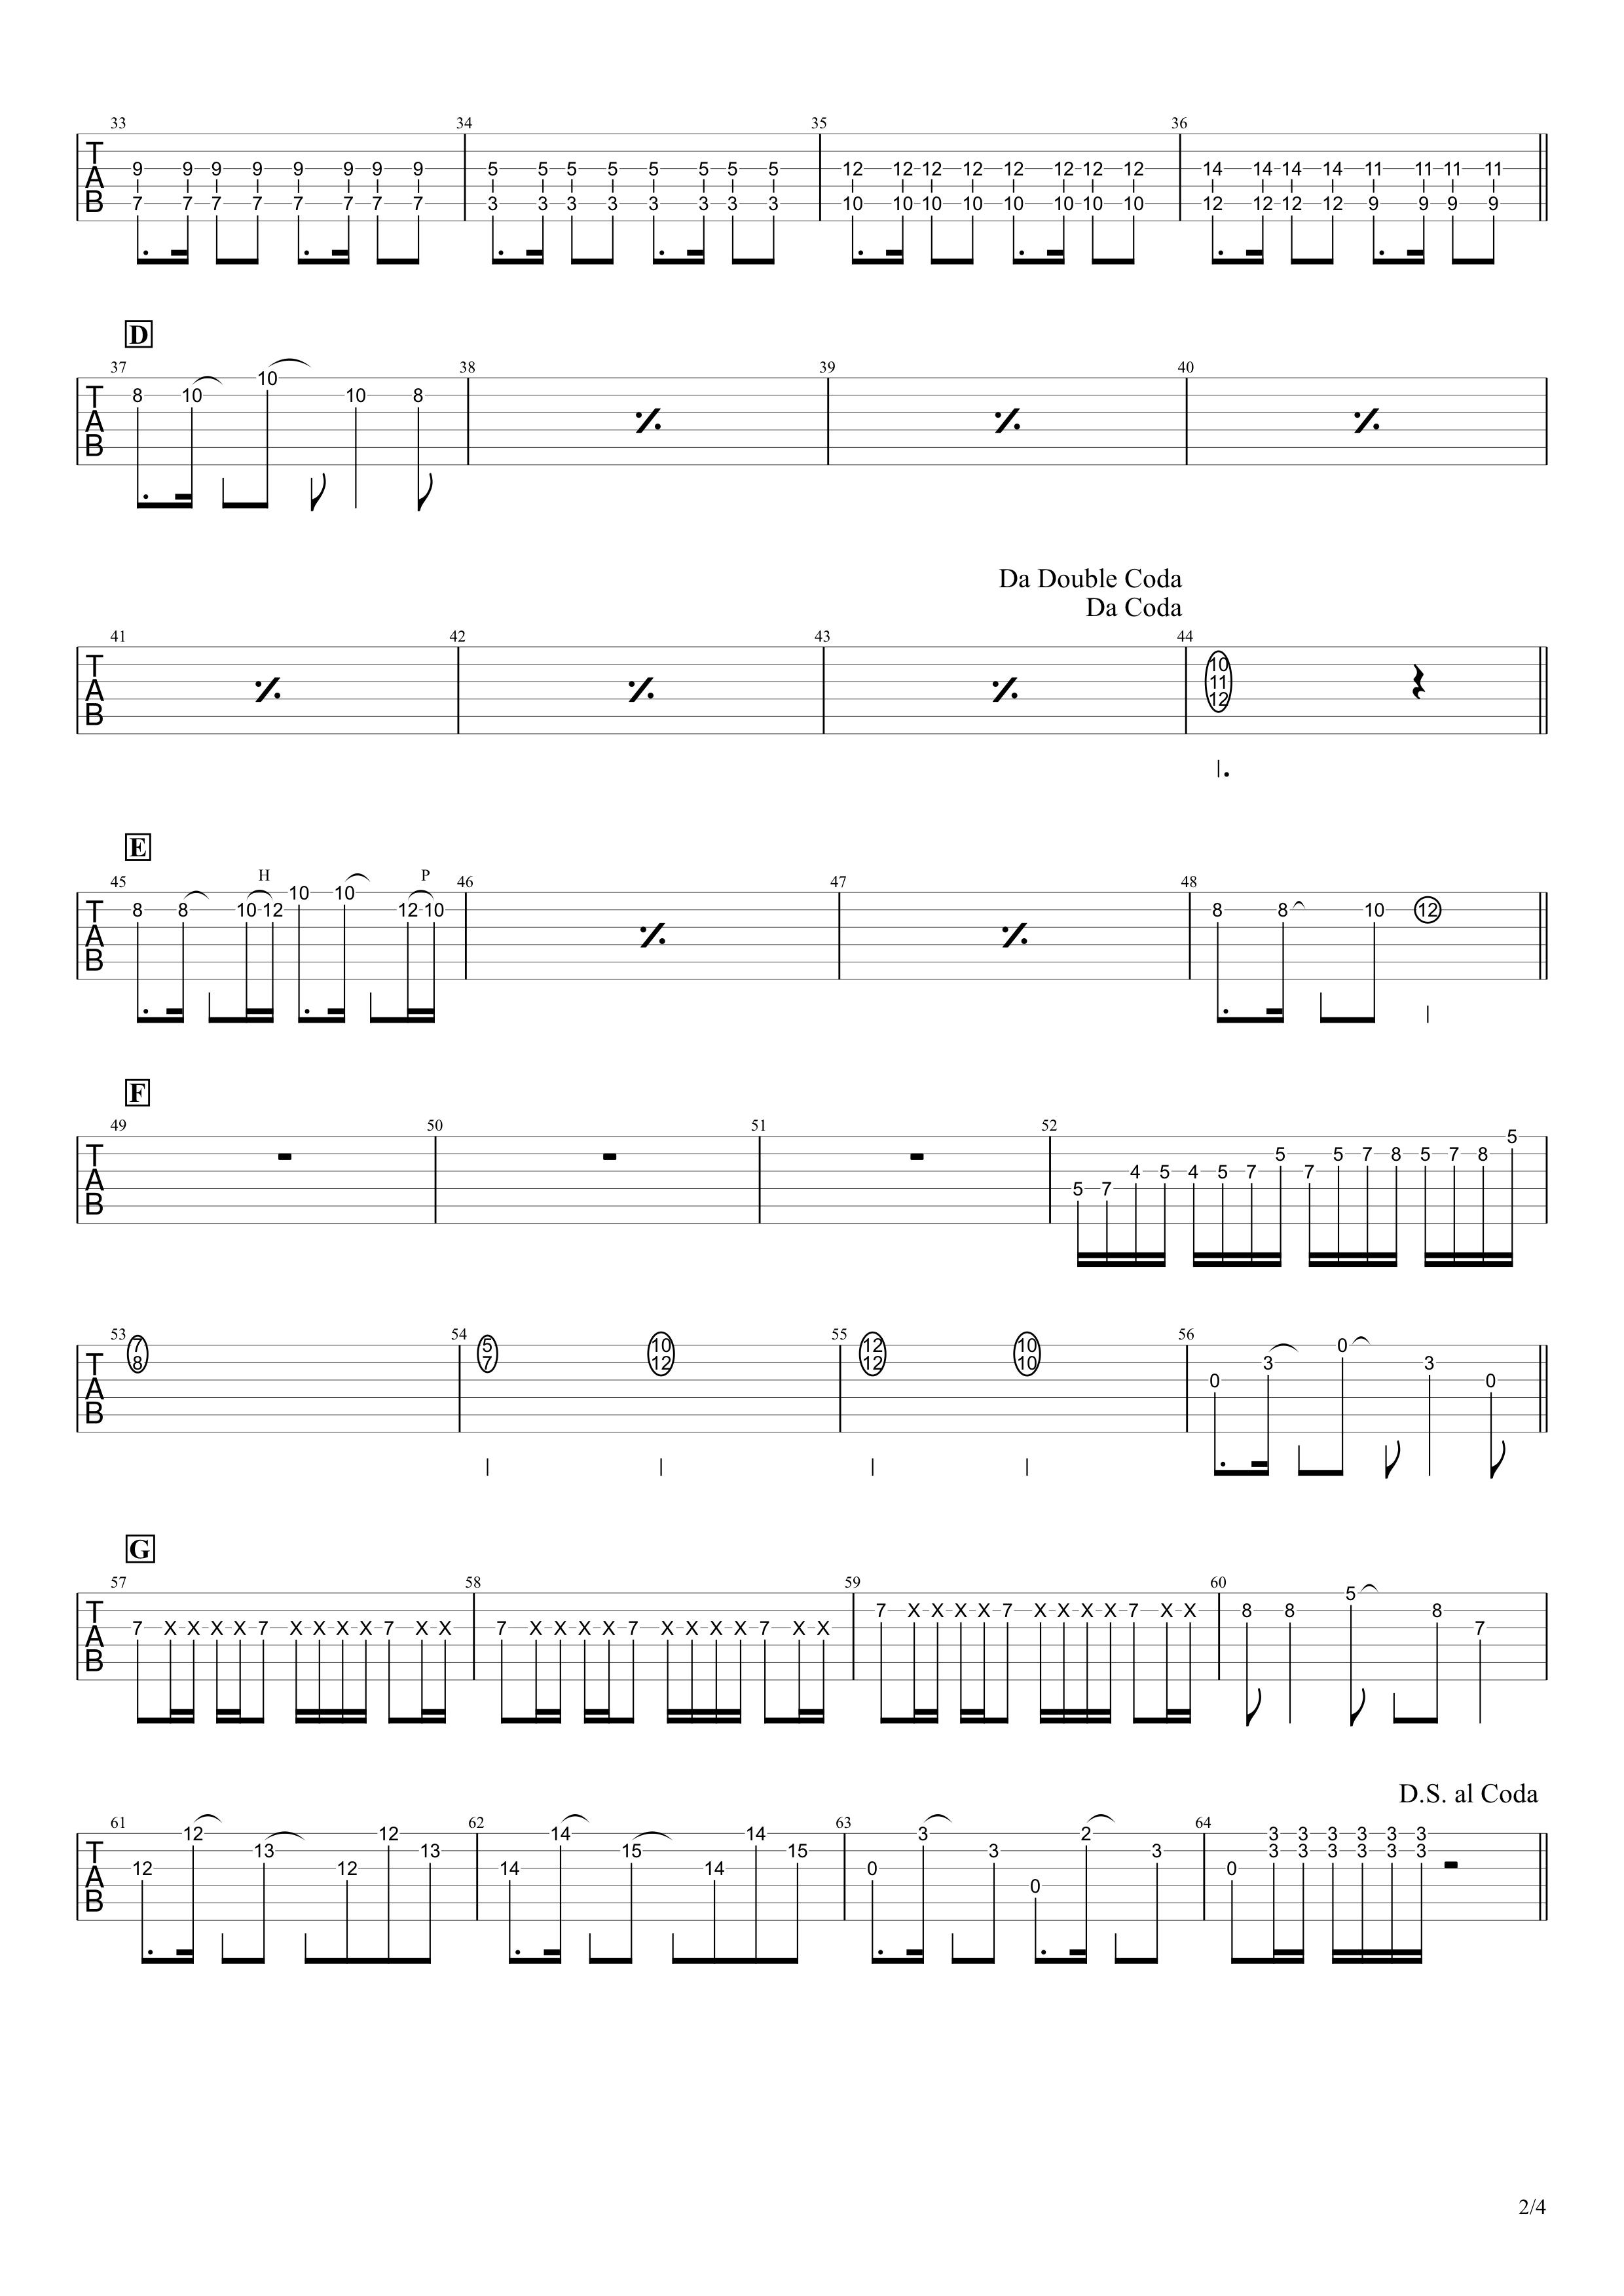 ワタリドリ/Alexandros ギタータブ譜 リードギターほぼ完コピVer.02